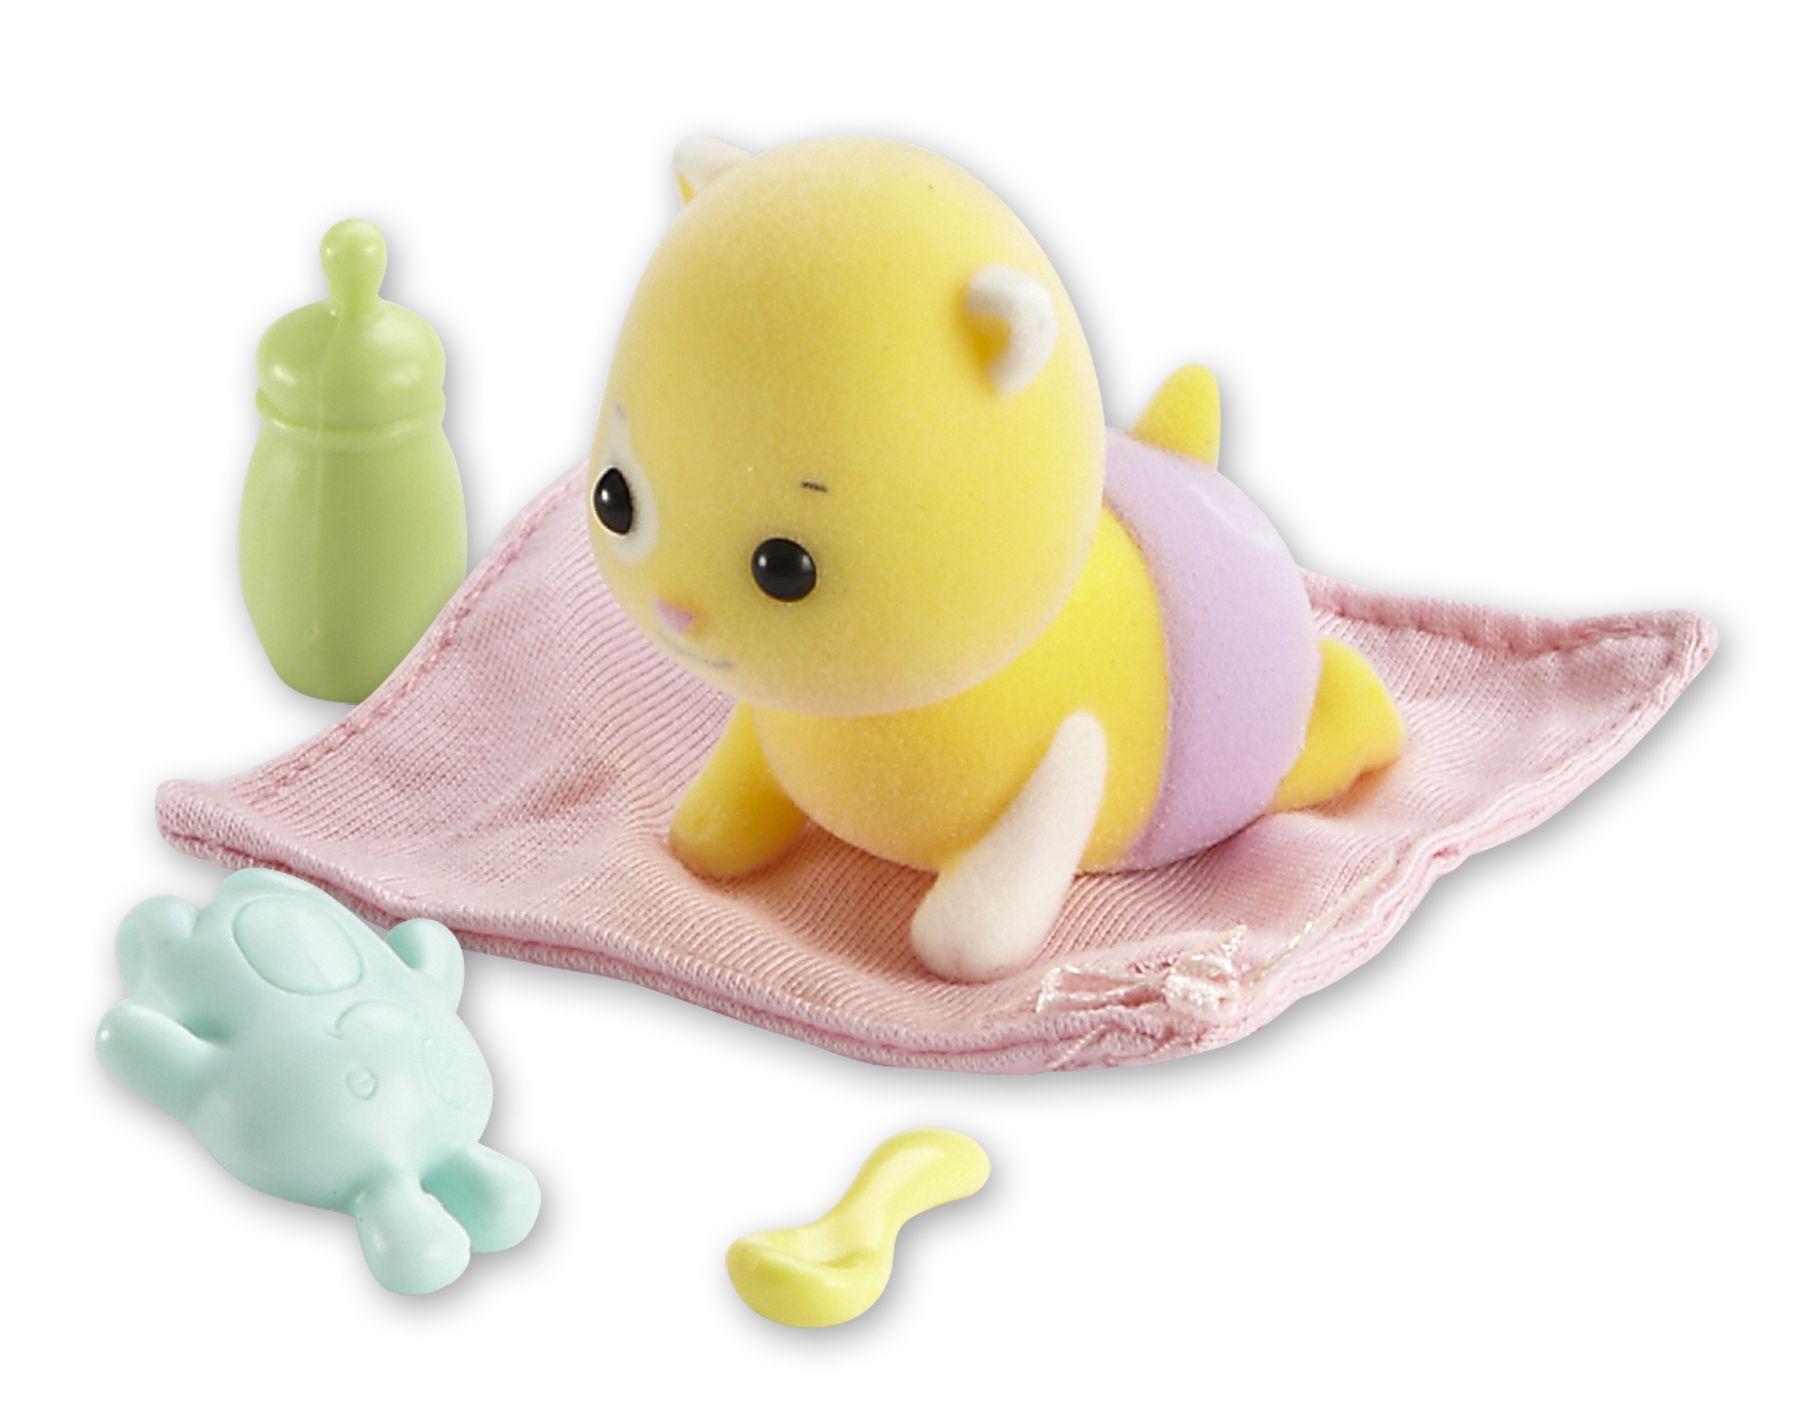 Zhu Zhu Pets Basic Baby Set Zhu Zhu Baby Sets Zhu Zhu Babies